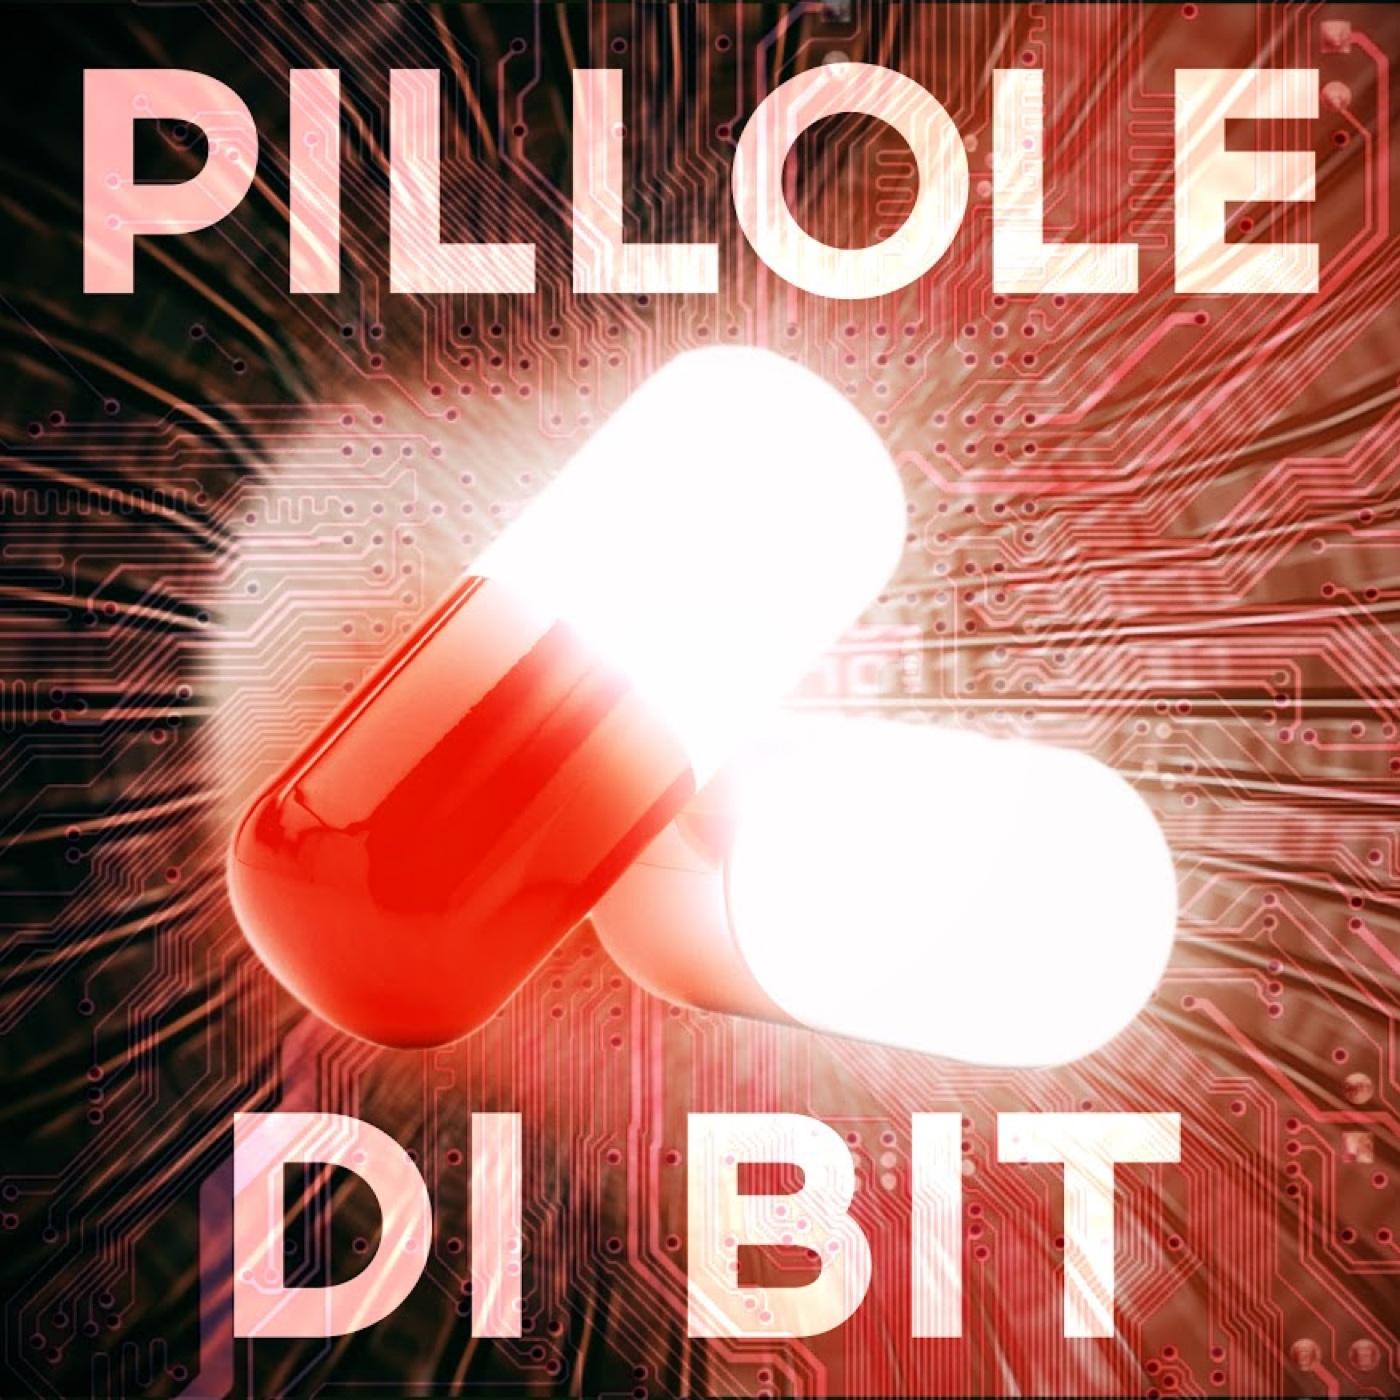 Pillole di Bit